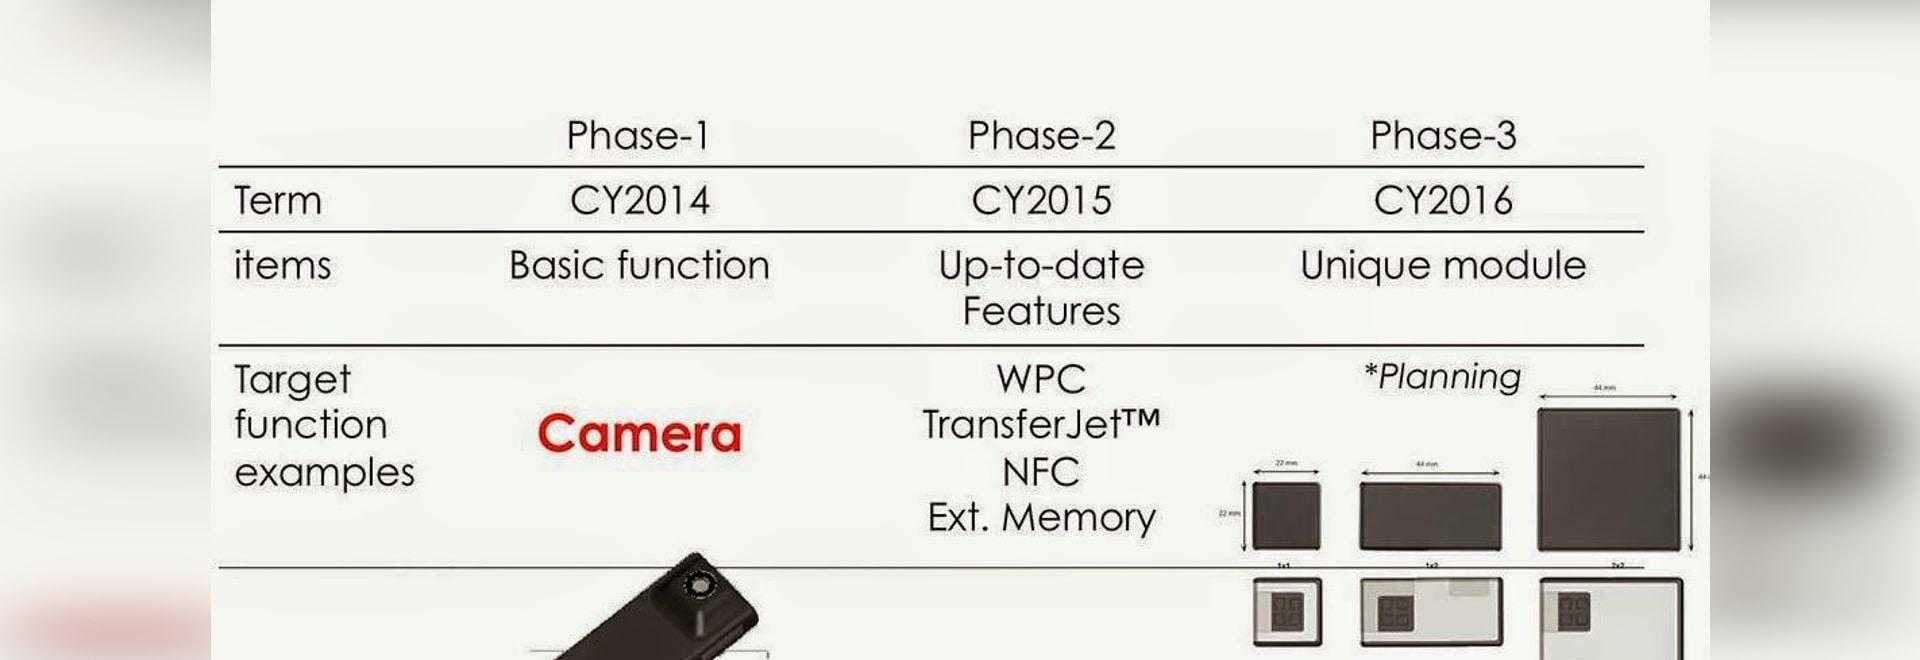 Toshiba presenta sus módulos de la cámara para el Ara del proyecto de Google